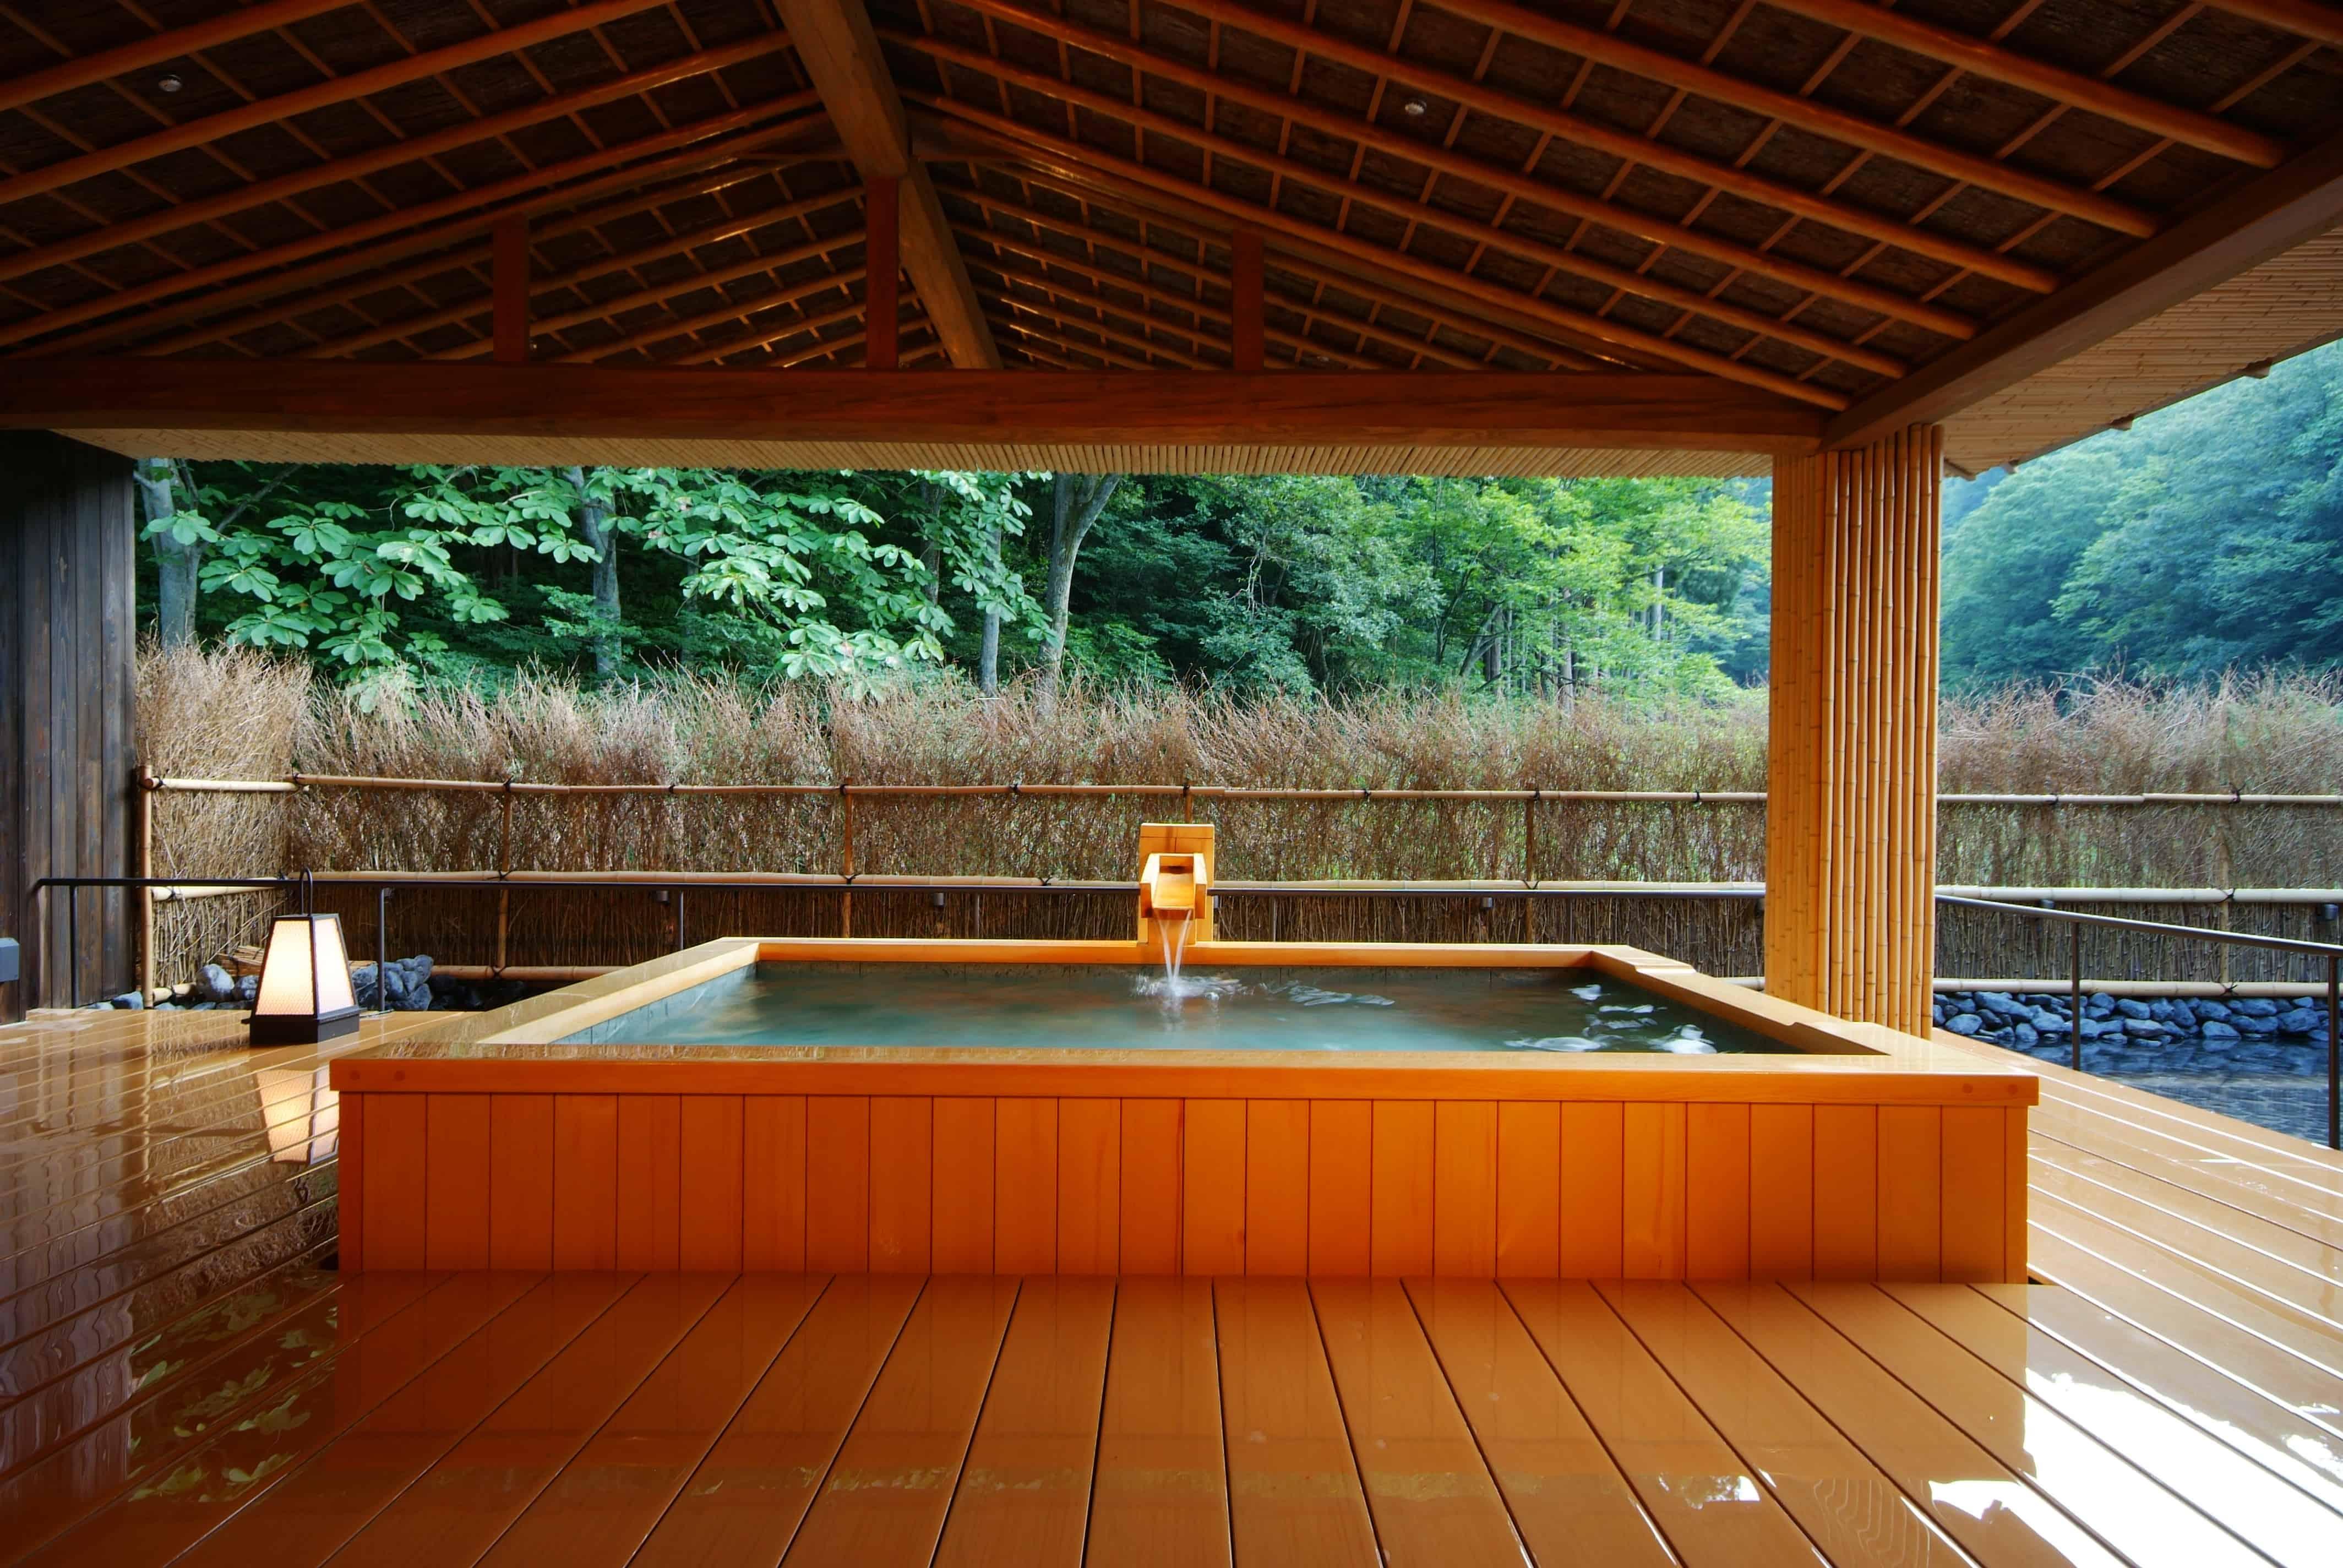 ออนเซ็นแบบส่วนตัว ที่ คิโนะซากิออนเซ็น : Nishimuraya Hotel Shogetsutei